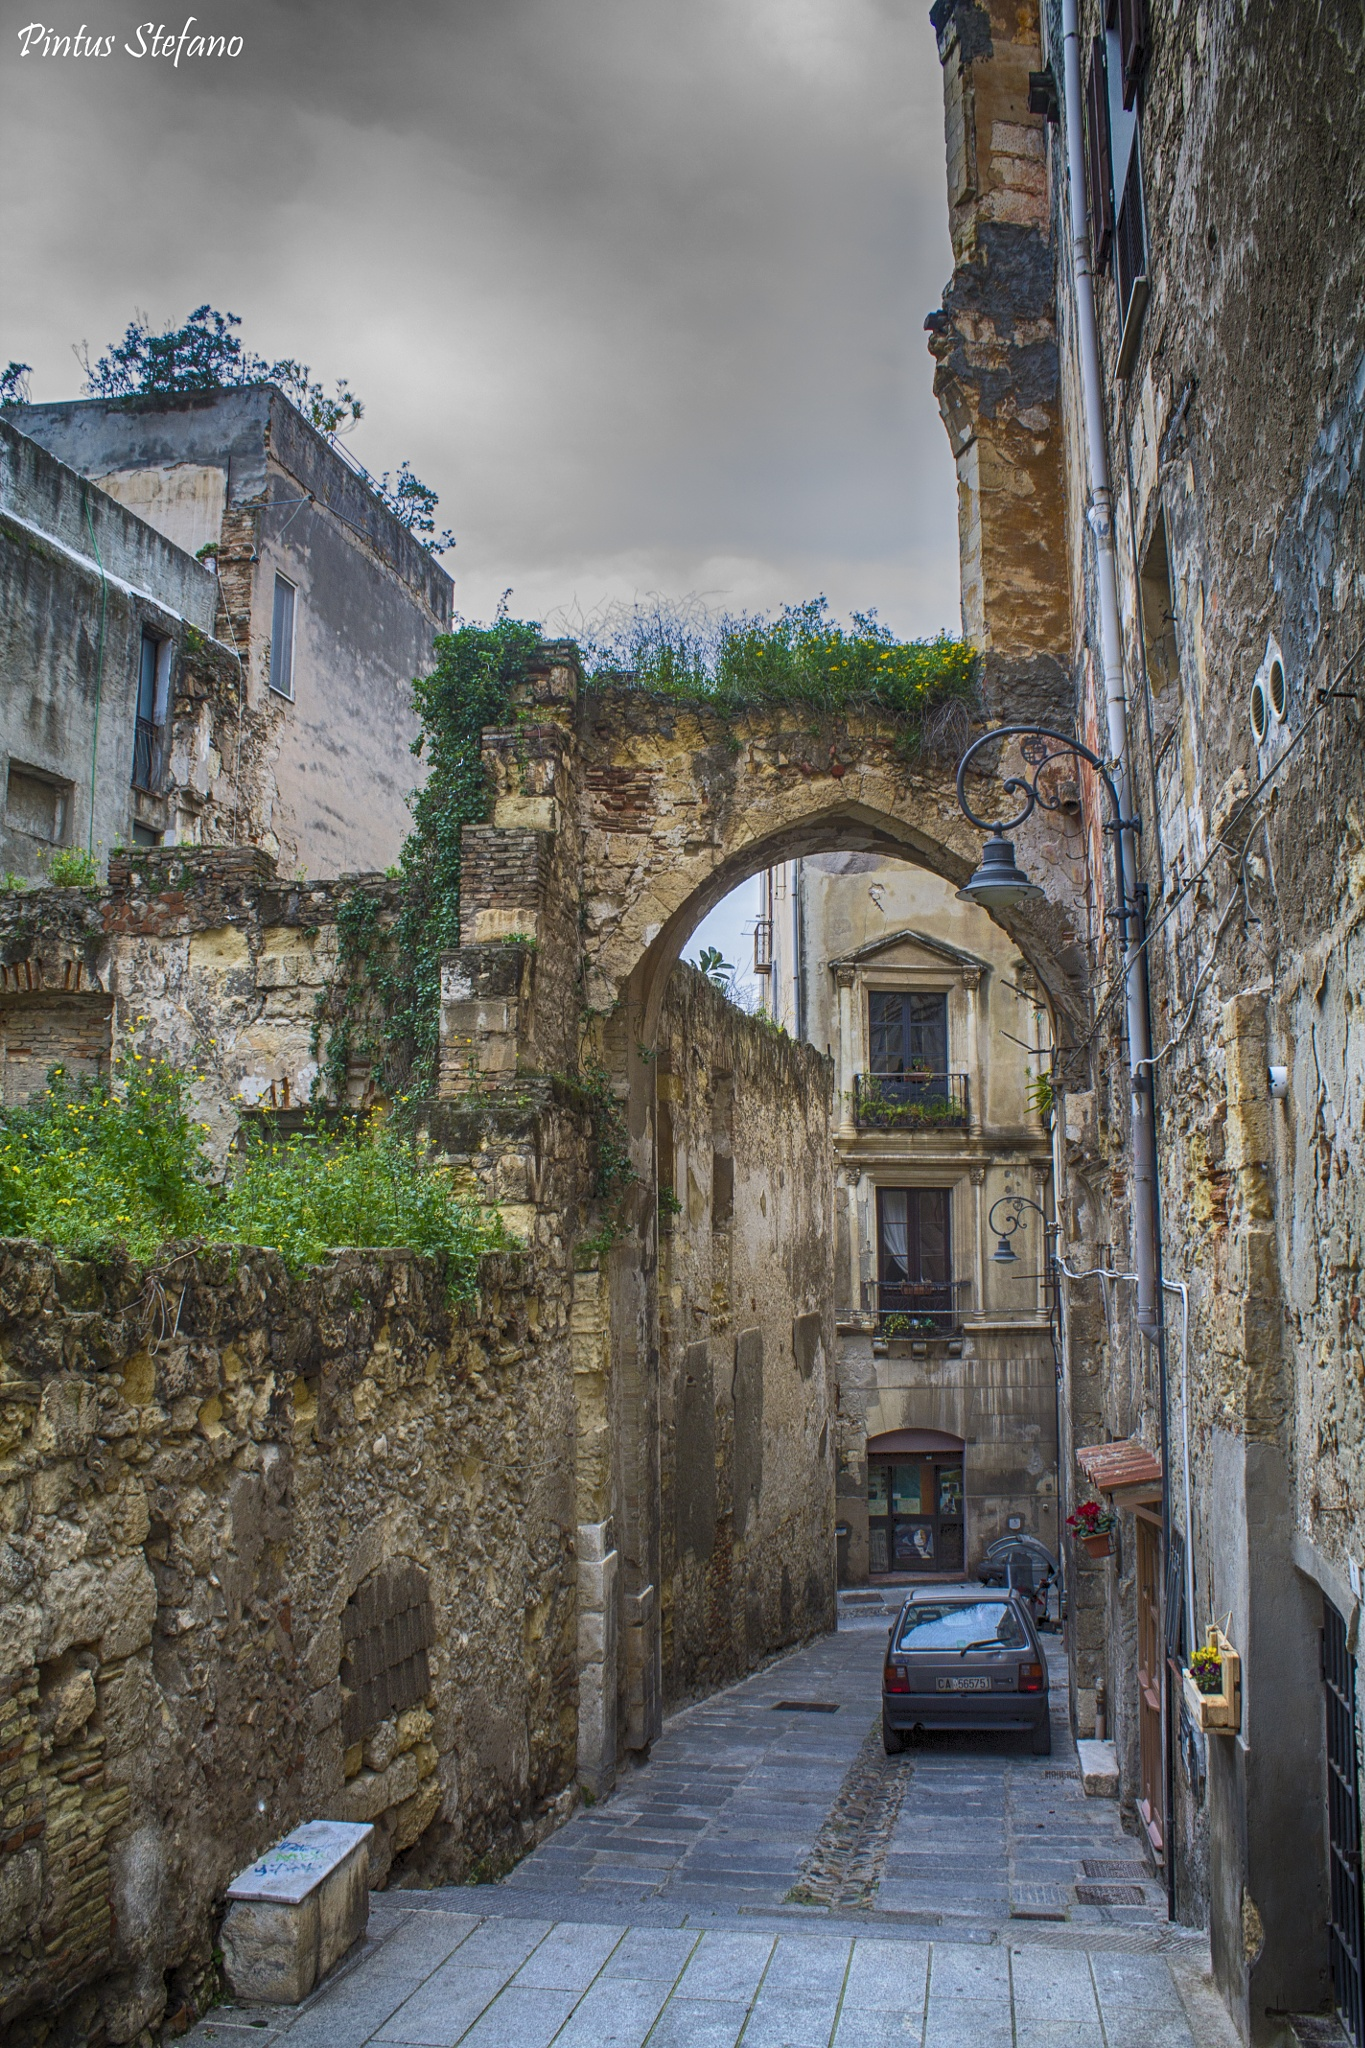 Cagliari zona castello... by pintusstefano